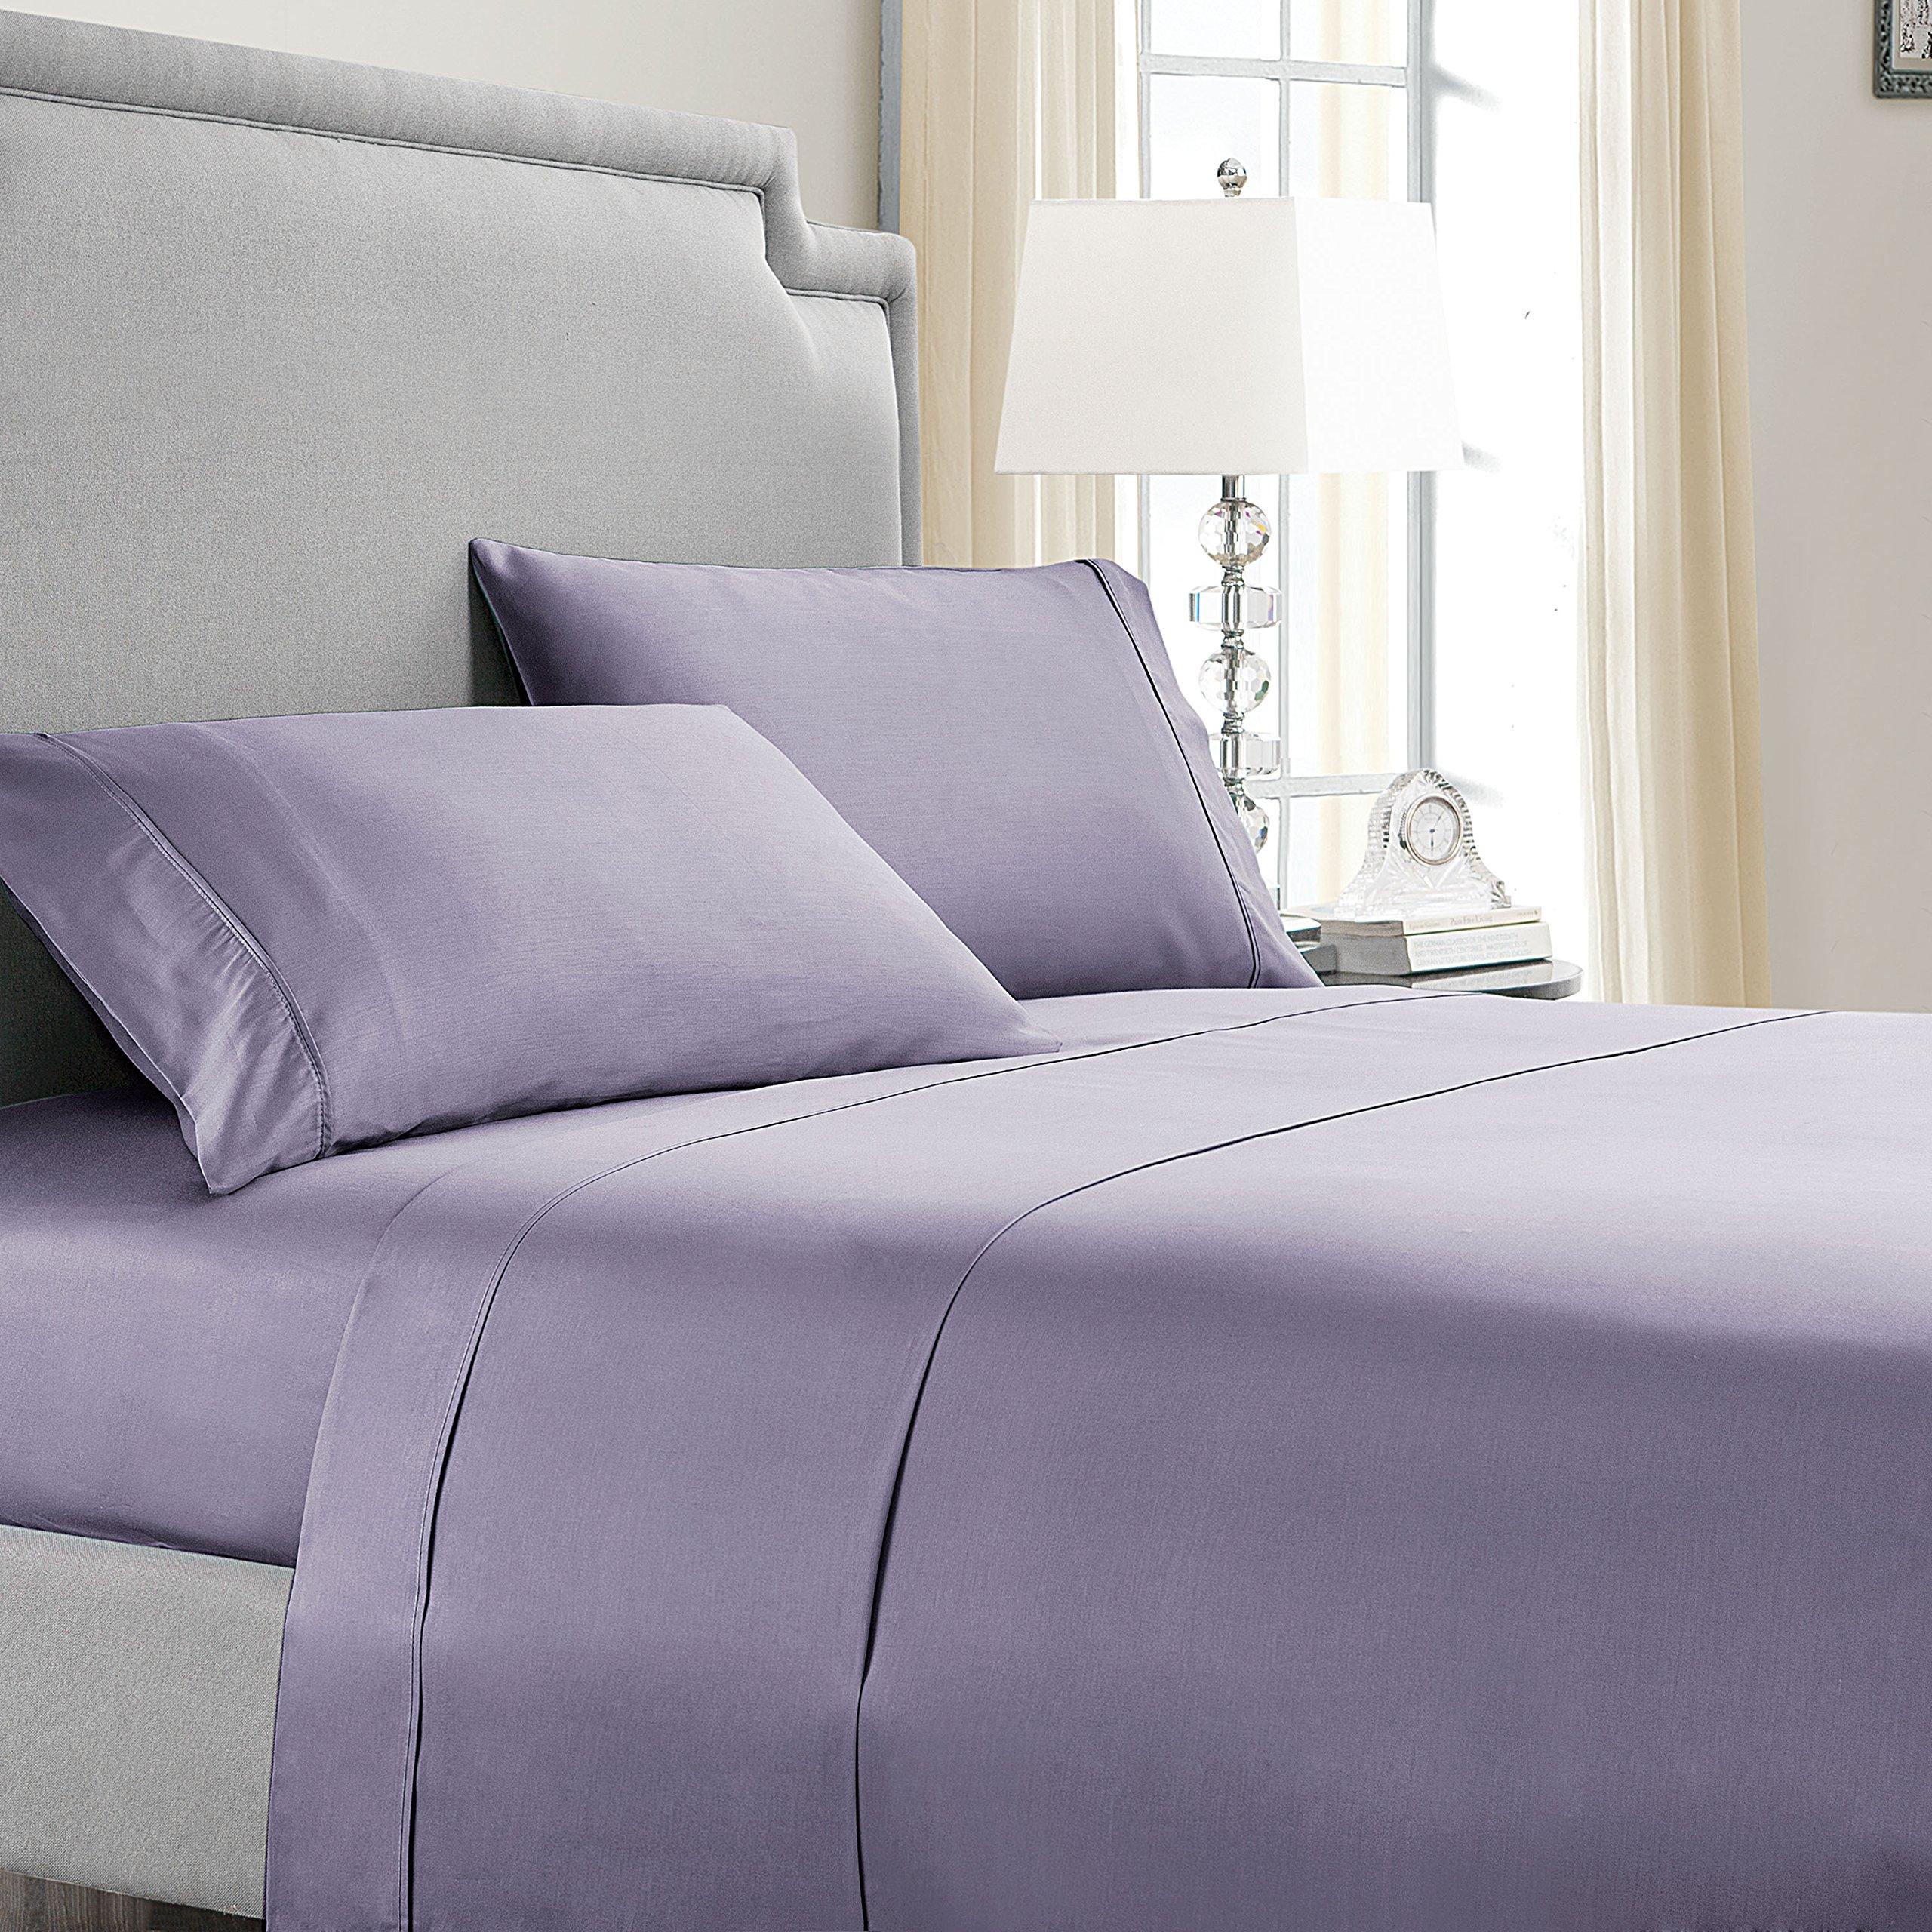 VCNY Home Vcny Sheet Set, Full, Lavender Aura